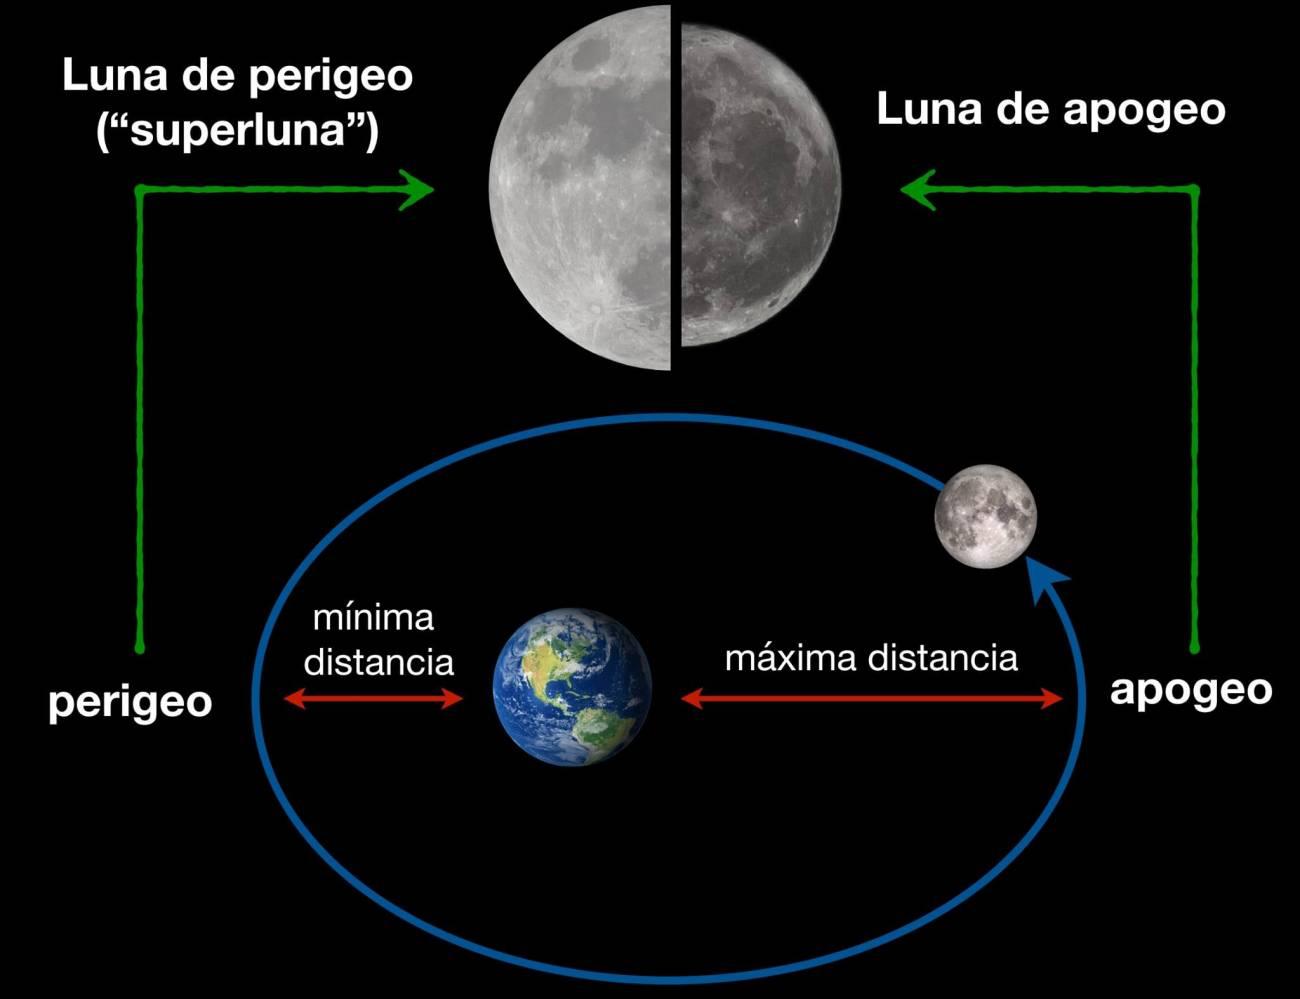 luna perigeo - Noches de Verano invitan a buscar cielos oscuros y dirigir nuestra mirada hacia las estrellas y los planetas.